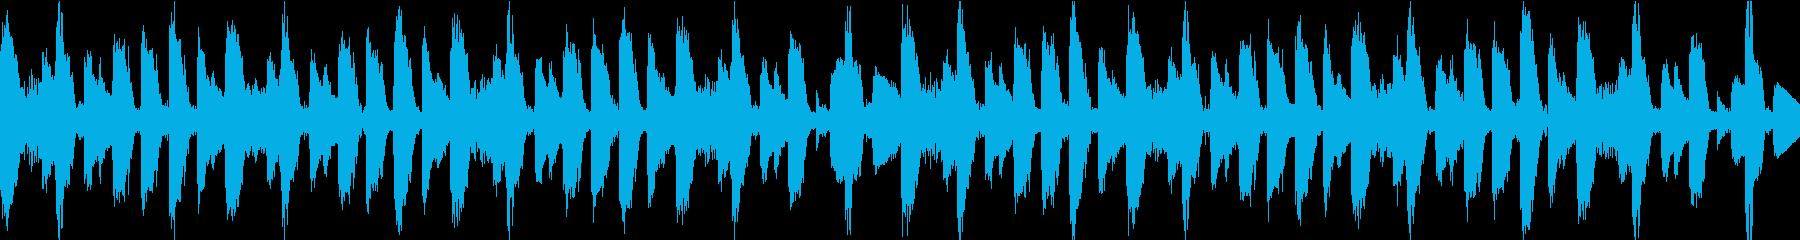 ニュース用  ループ曲の再生済みの波形